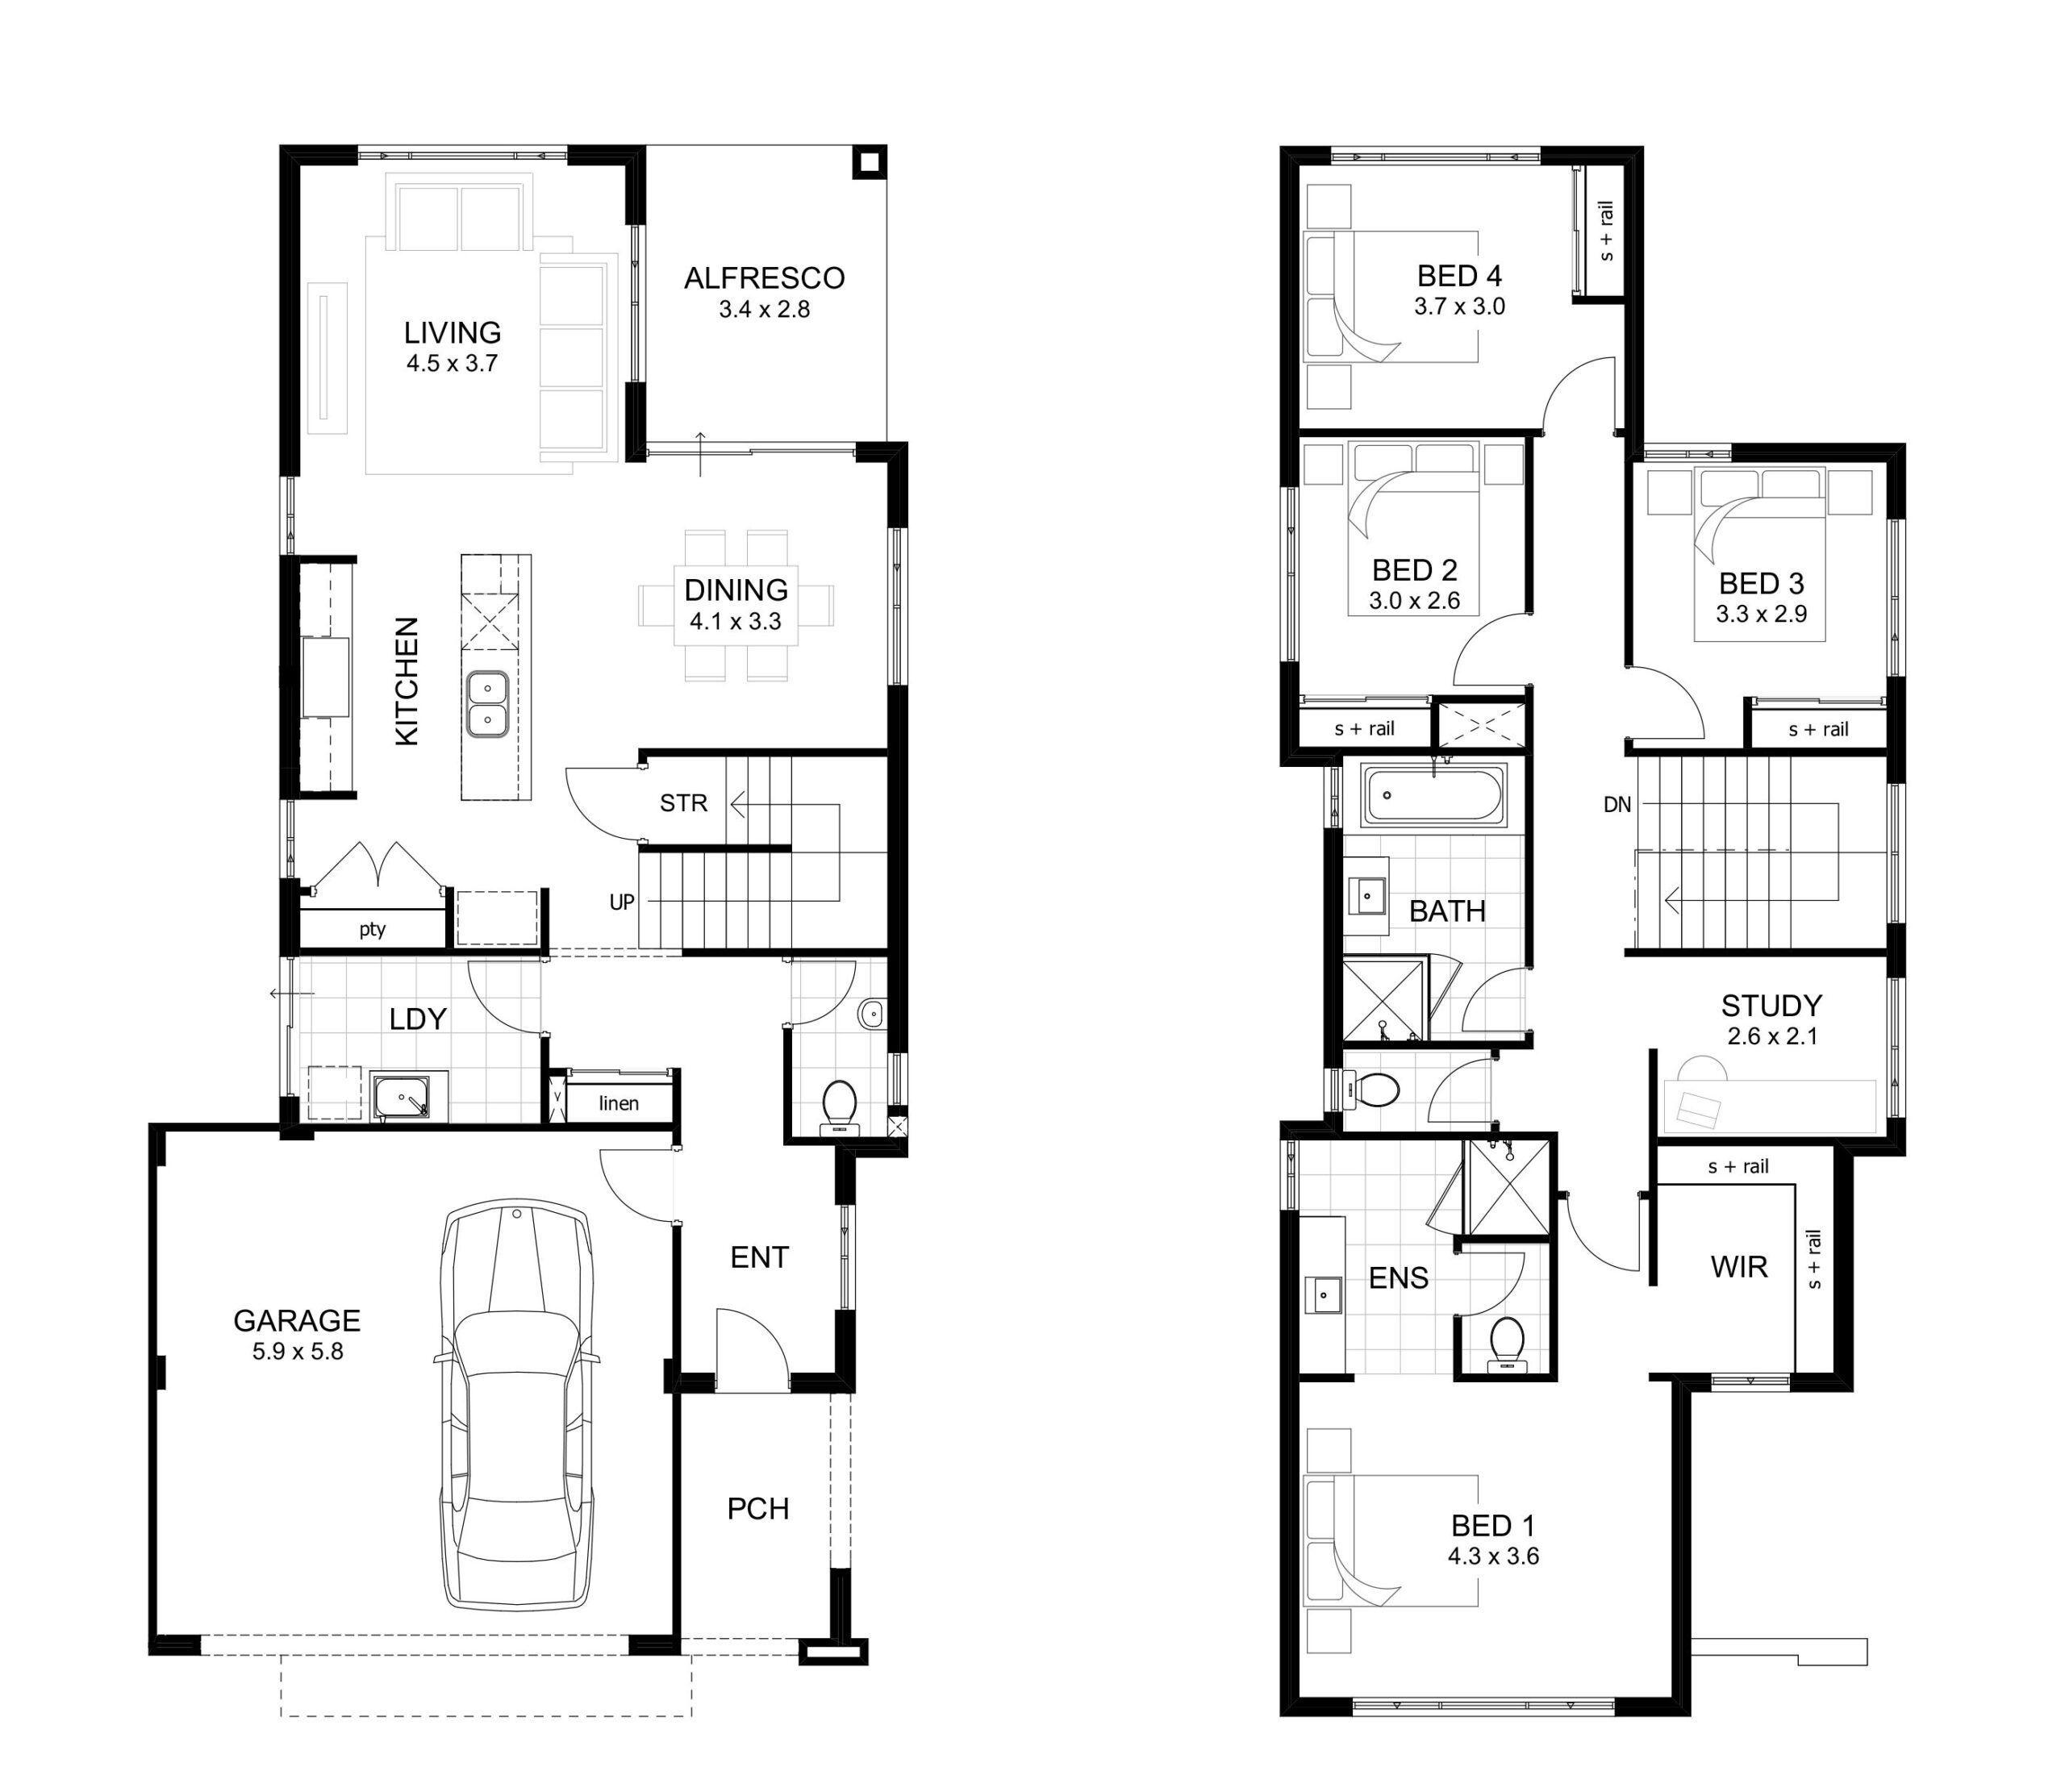 2 Schlafzimmer Zweistockiges Haus Plane Haus Plane Schlafzimmer Zweistockiges In 2020 Double Storey House Plans Double Story House 4 Bedroom House Plans